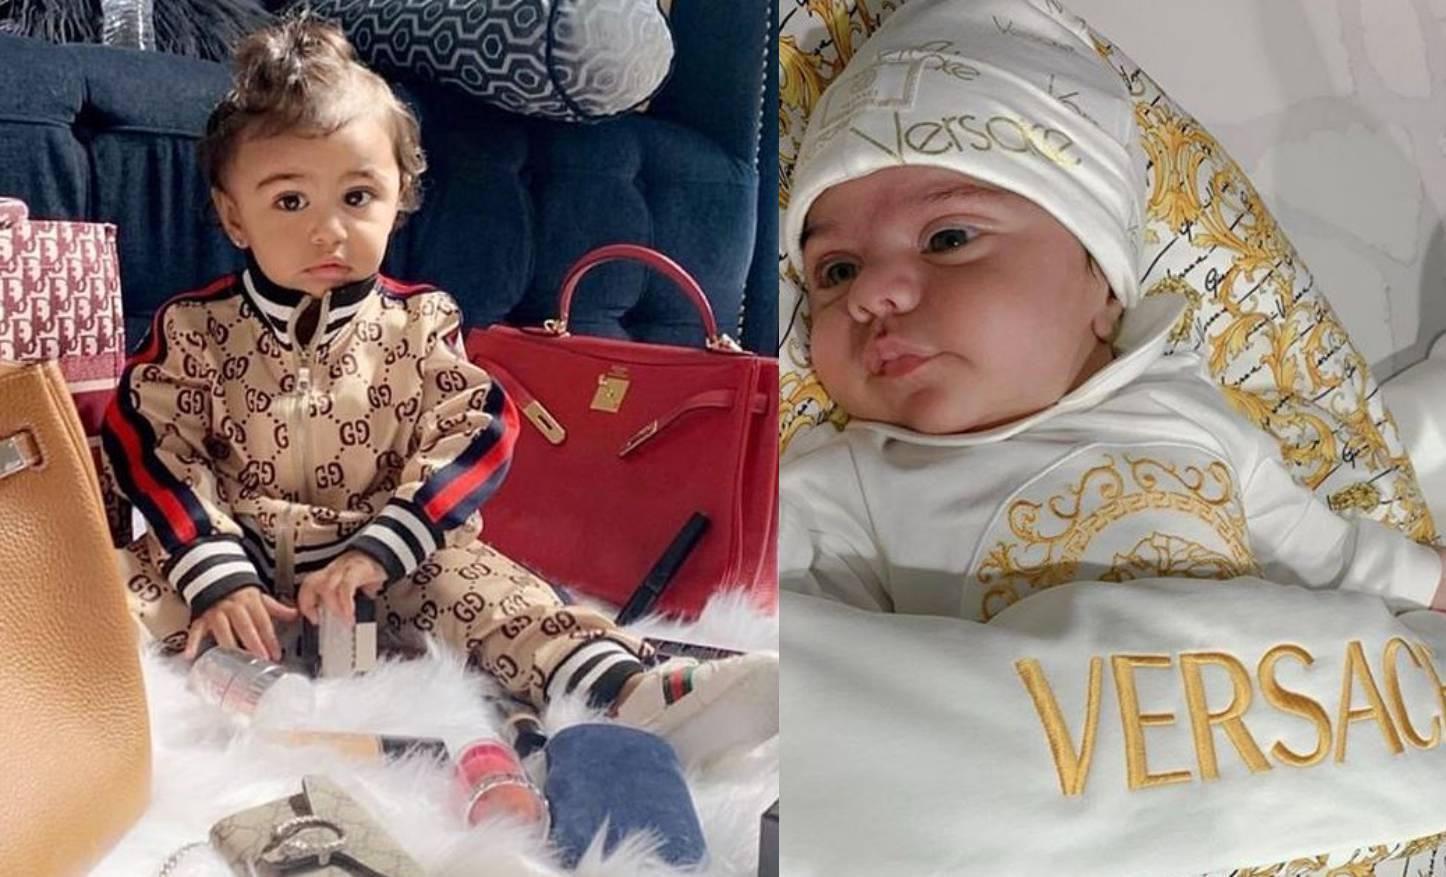 Mama ne štedi: Djevojčica ima tek 2 godine, a garderoba joj vrijedi više od milijun kuna